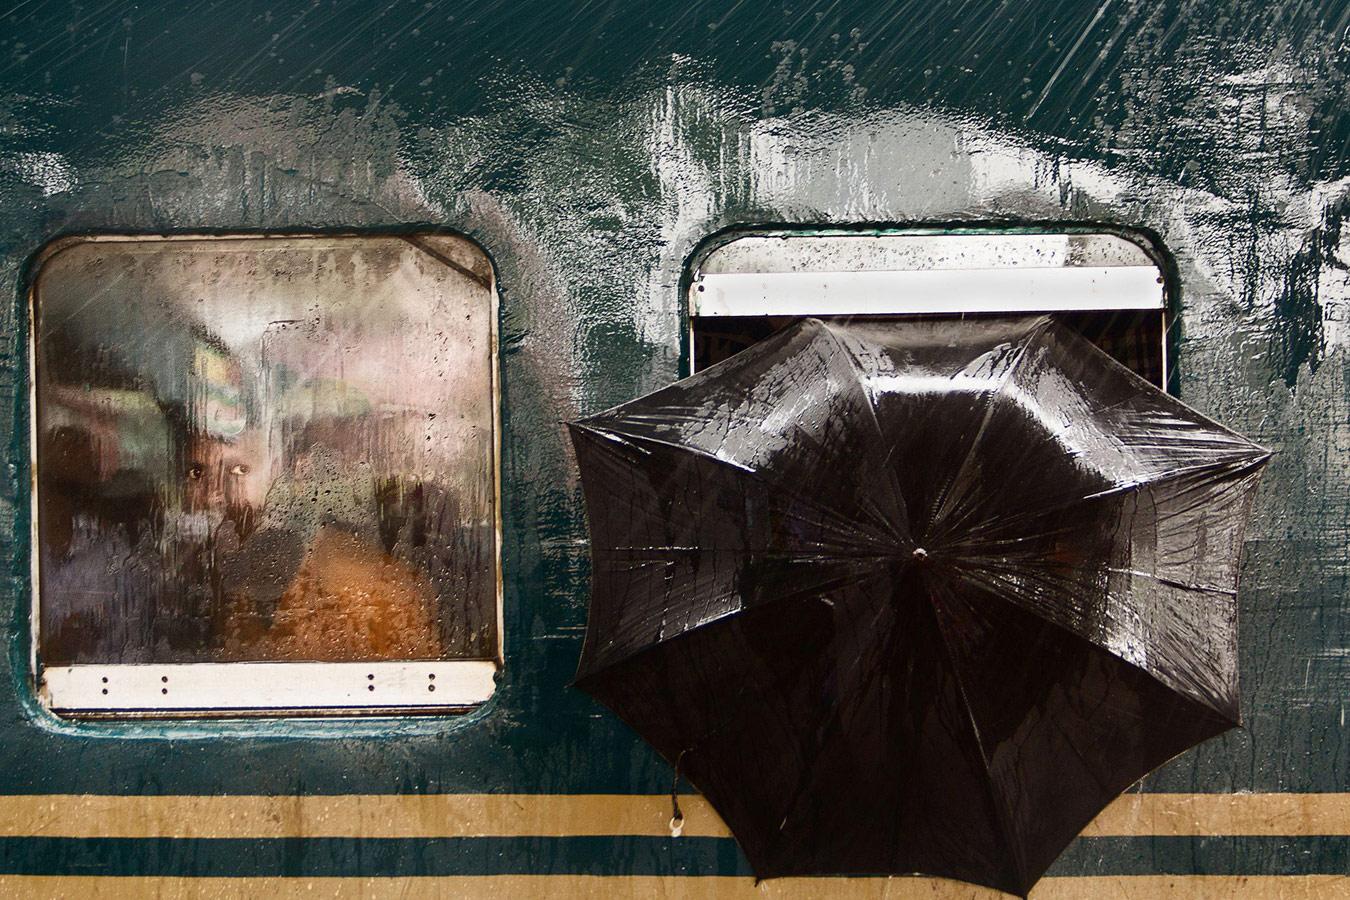 Мужской взгляд, © Мойн Ахмед / Moin Ahmed, 1 место, категория «Одиночный кадр», Фотоконкурс «Уличная фотография»